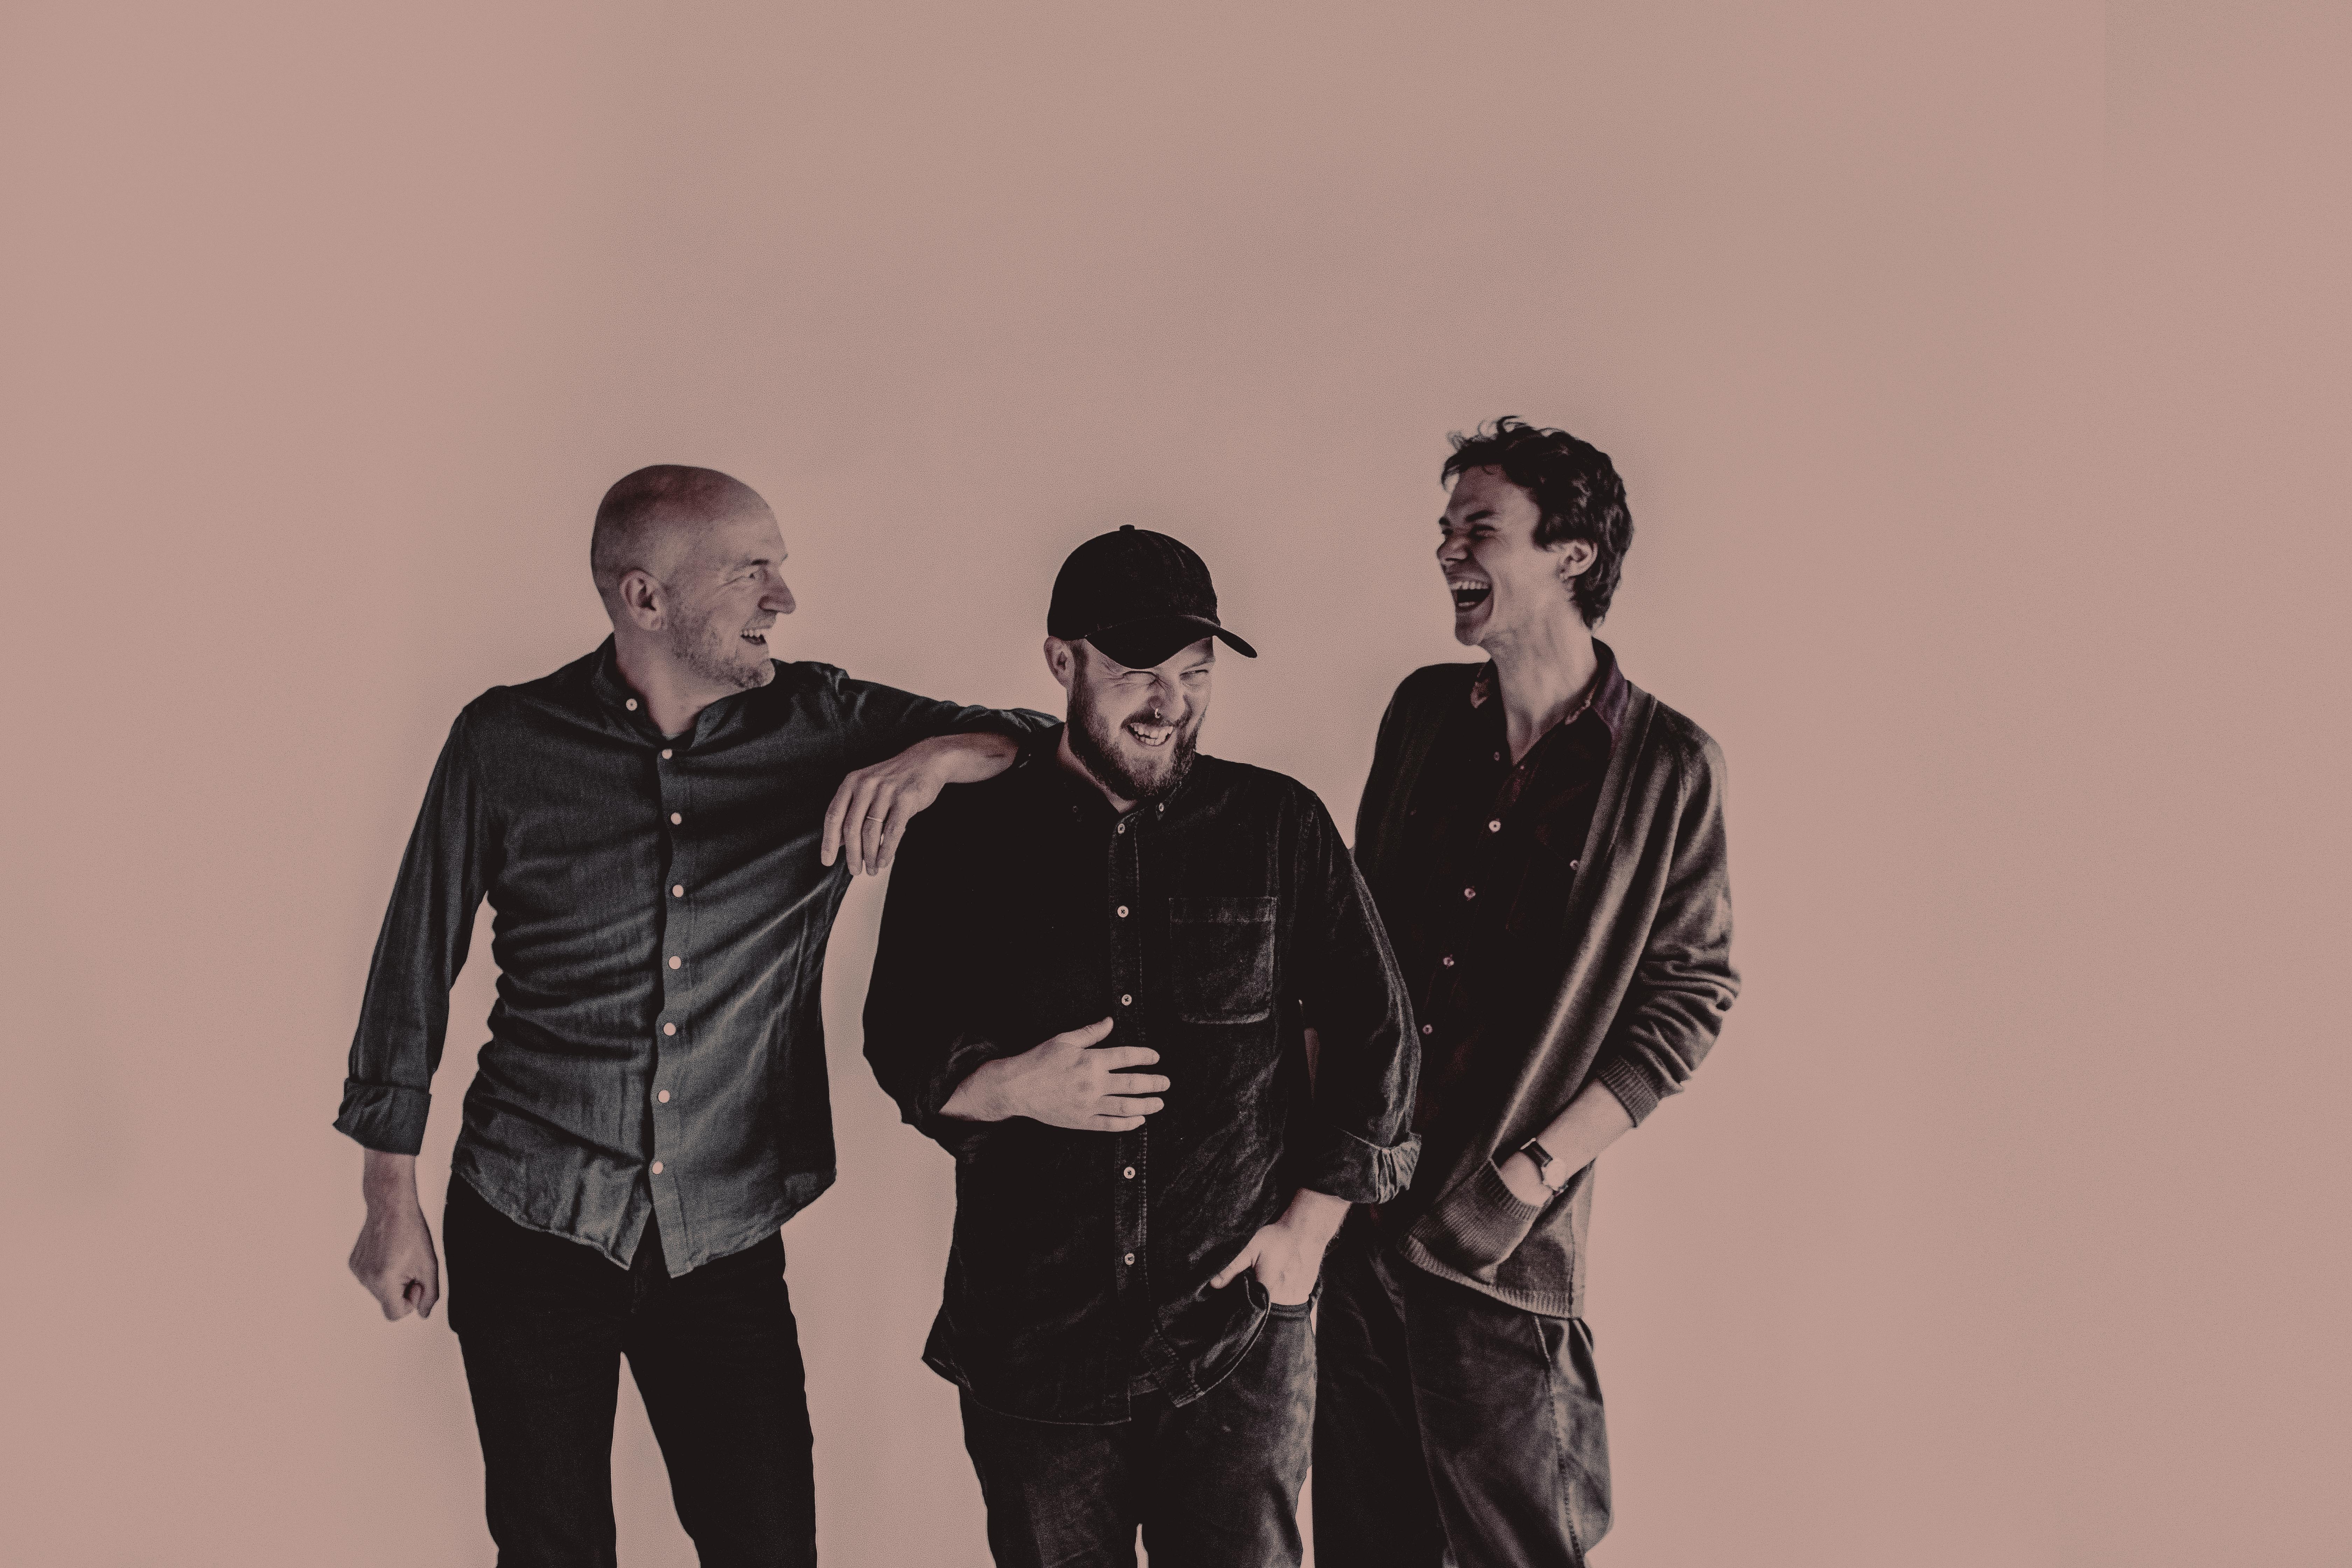 Trio Promo